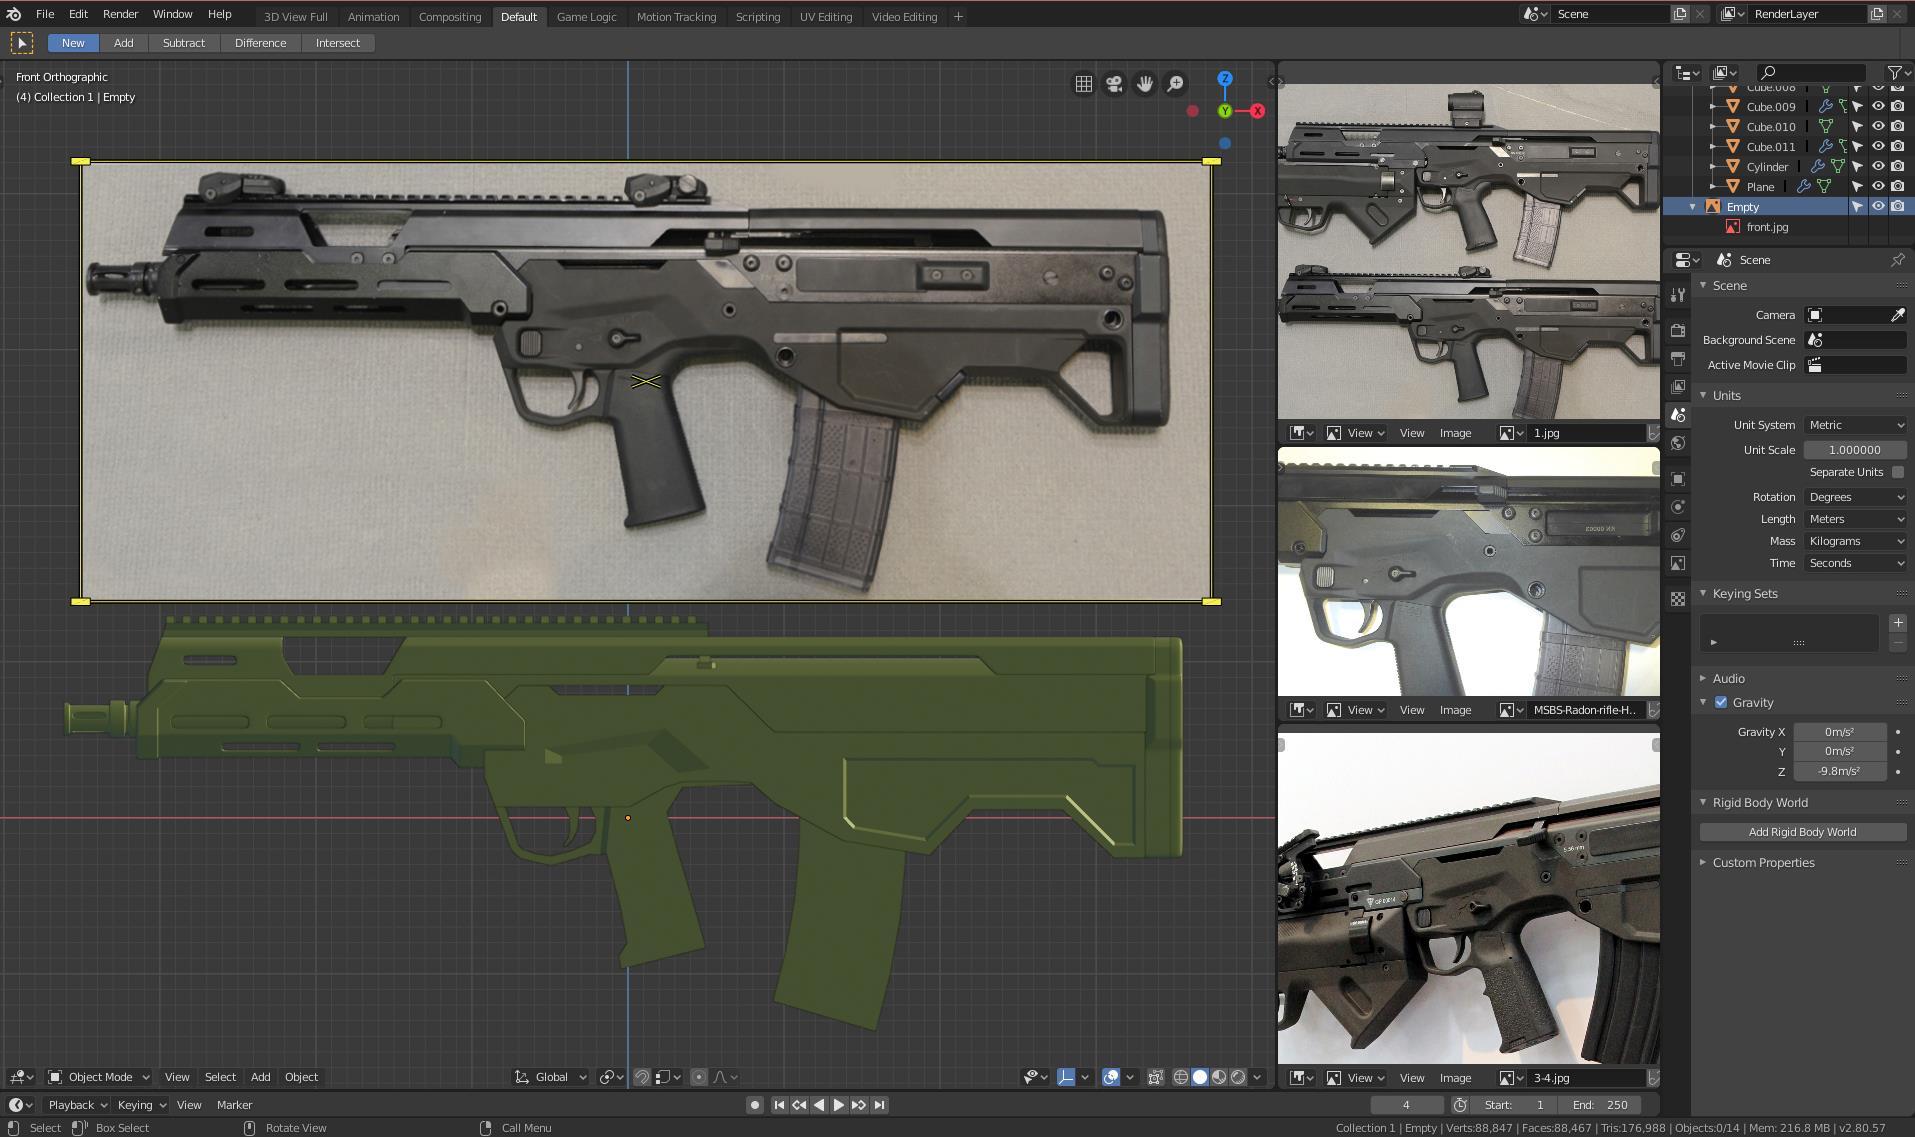 Three D Weapon - MSBS 5.56